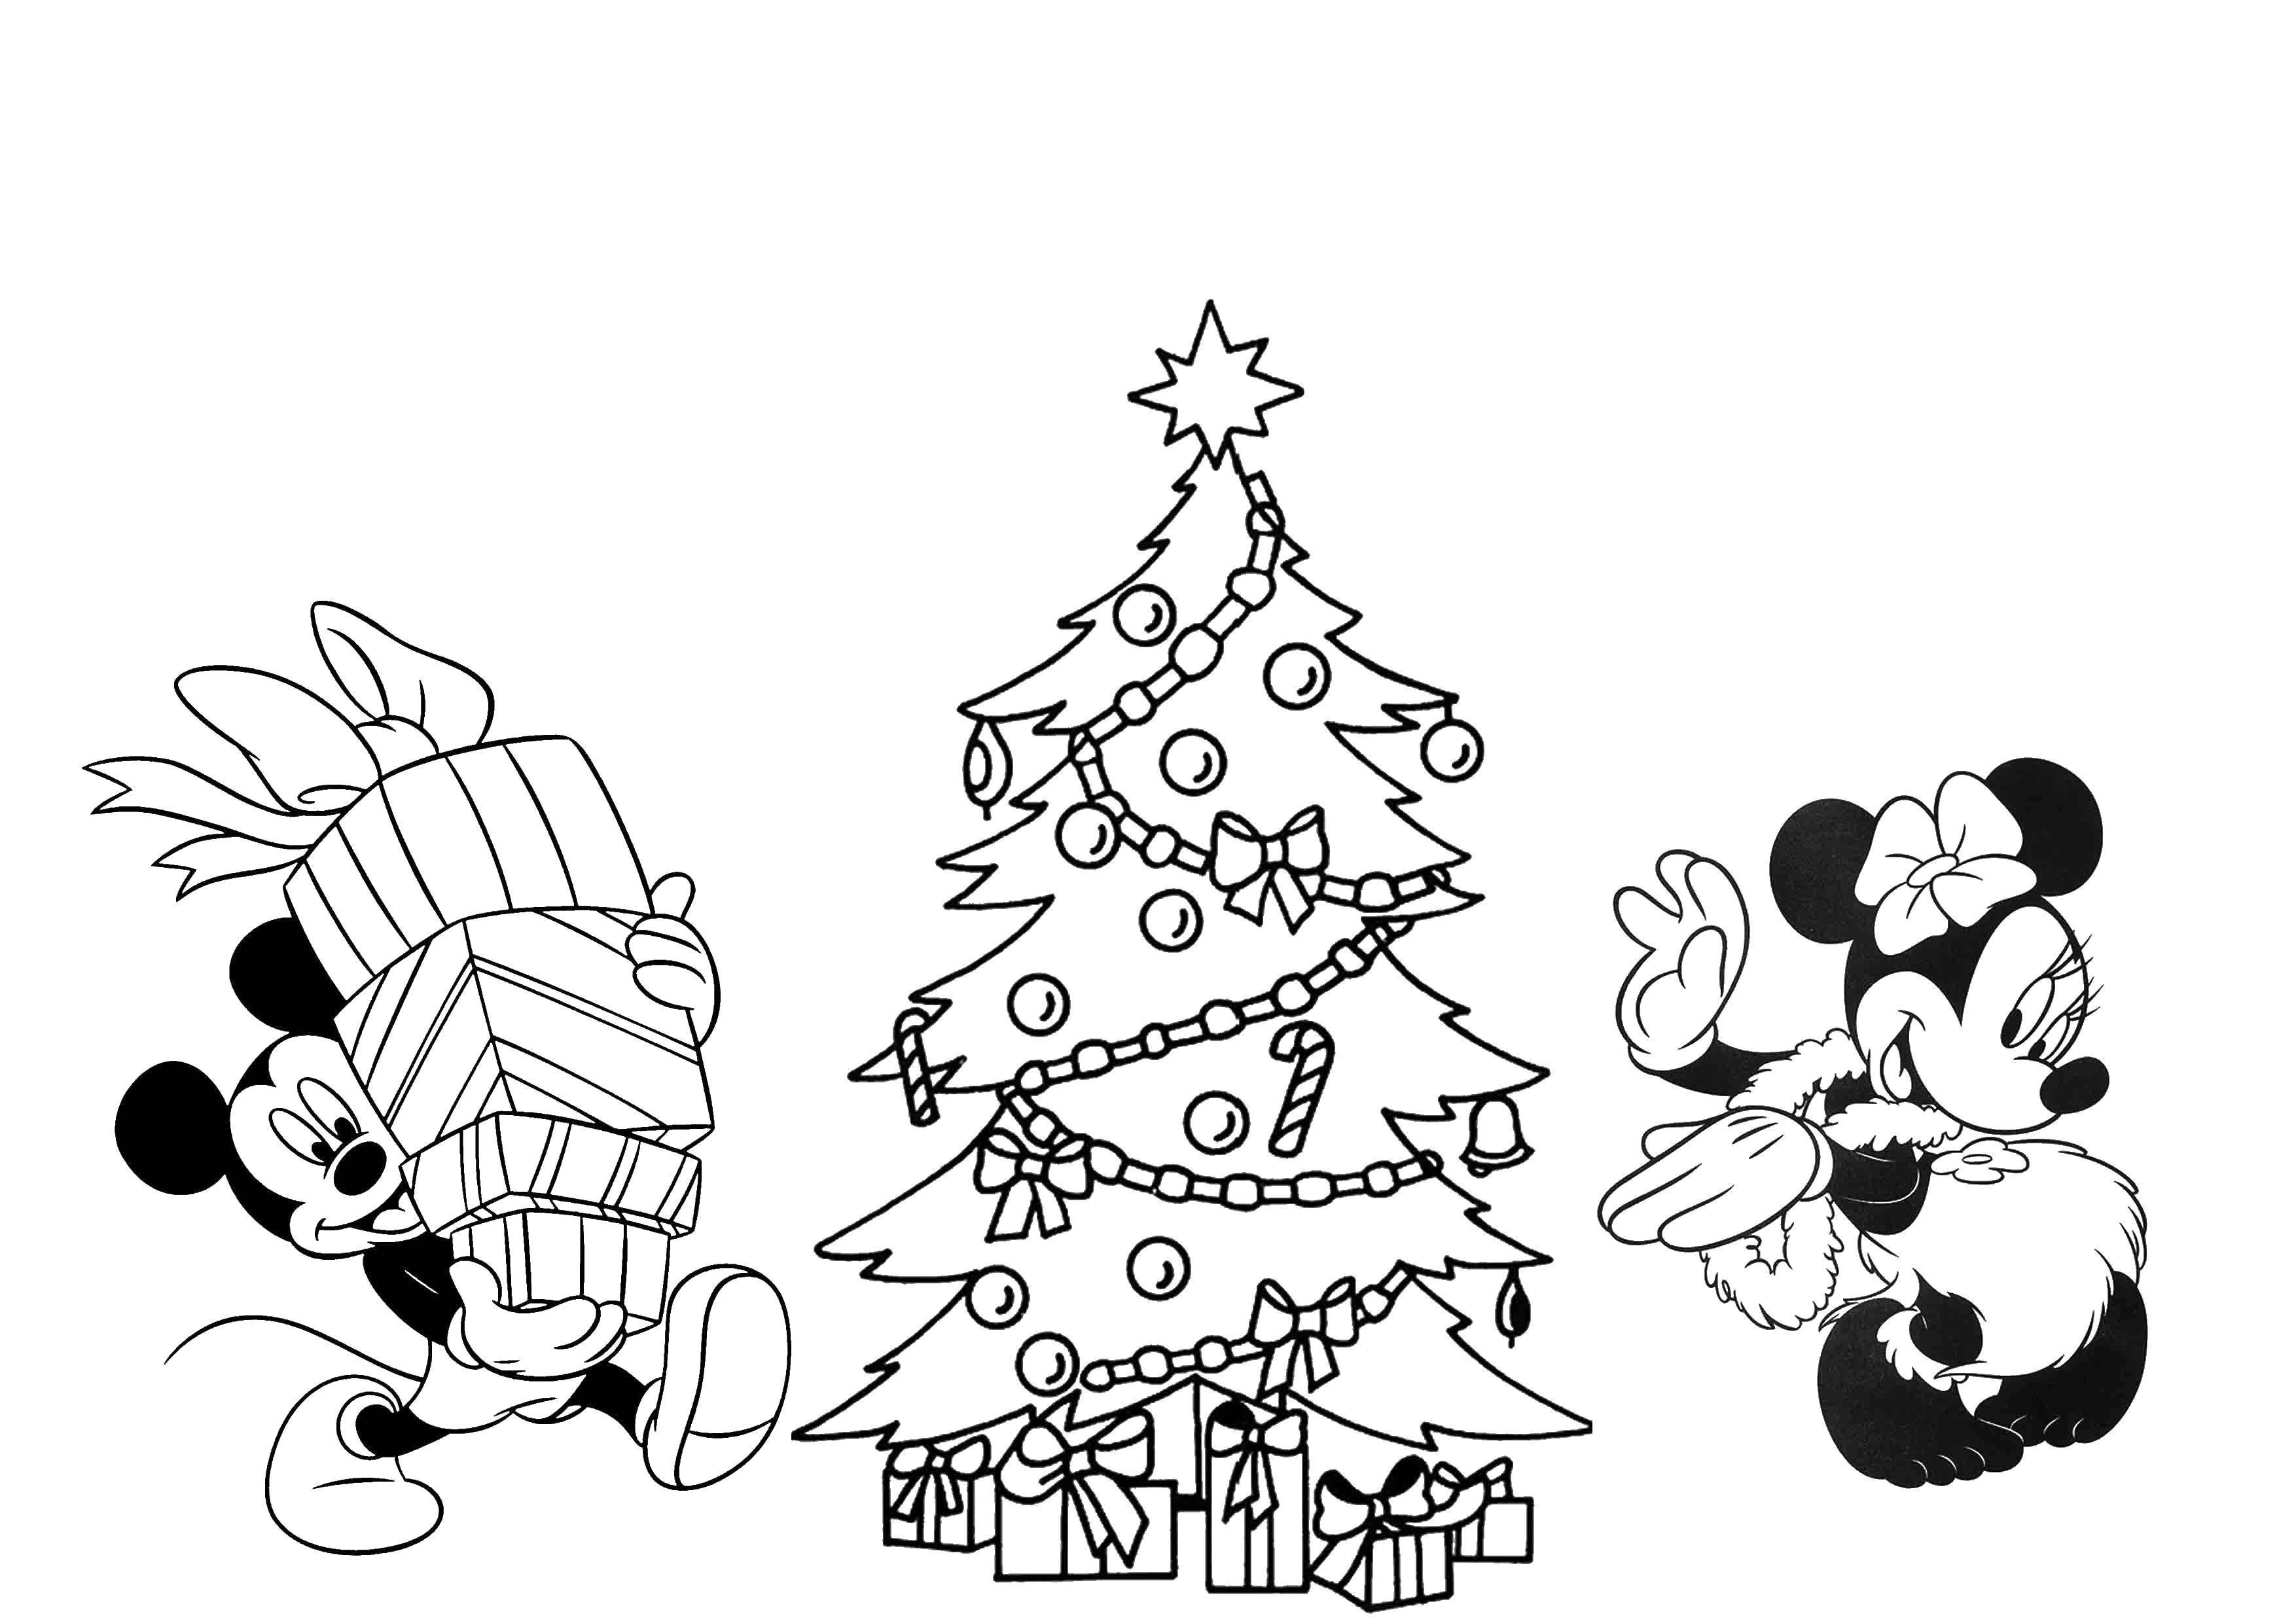 Раскраска Минни маус и микки маус на новый год Скачать Дисней, Микки Маус, Минни Маус.  Распечатать ,Диснеевские раскраски,